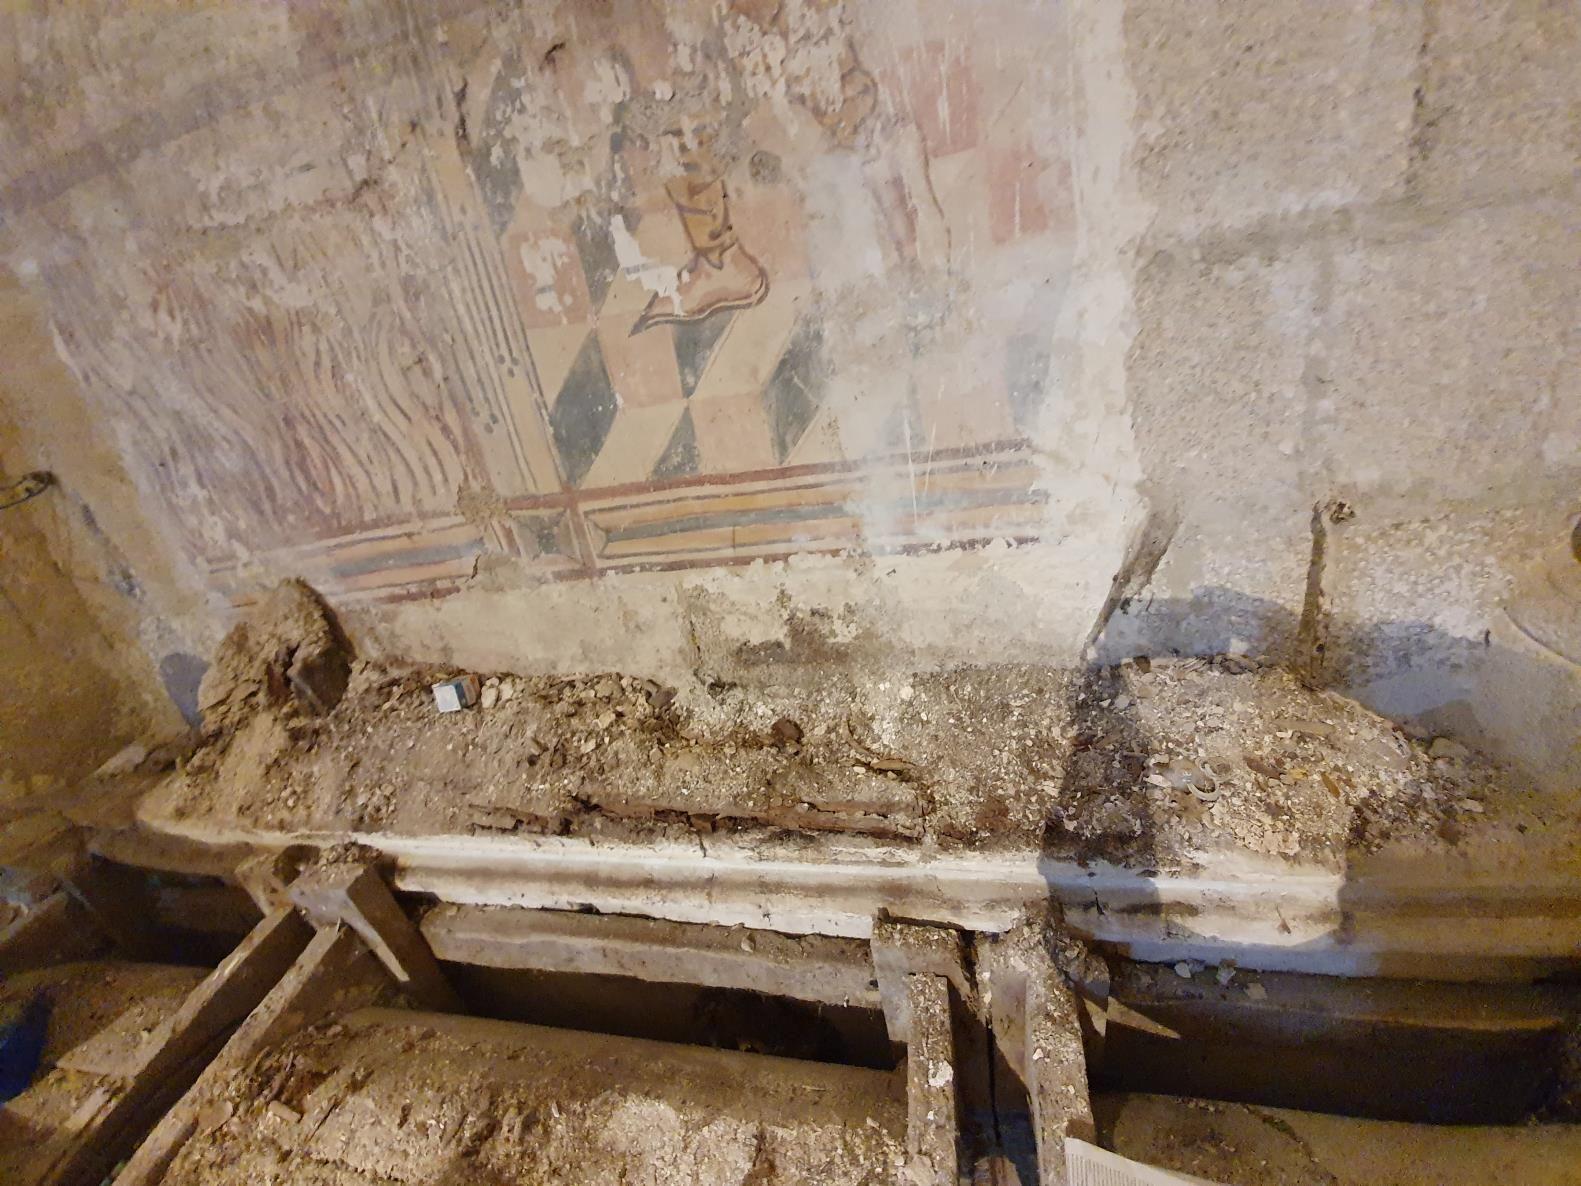 Muro una vez retirado el relicario. Restos de pintura mural